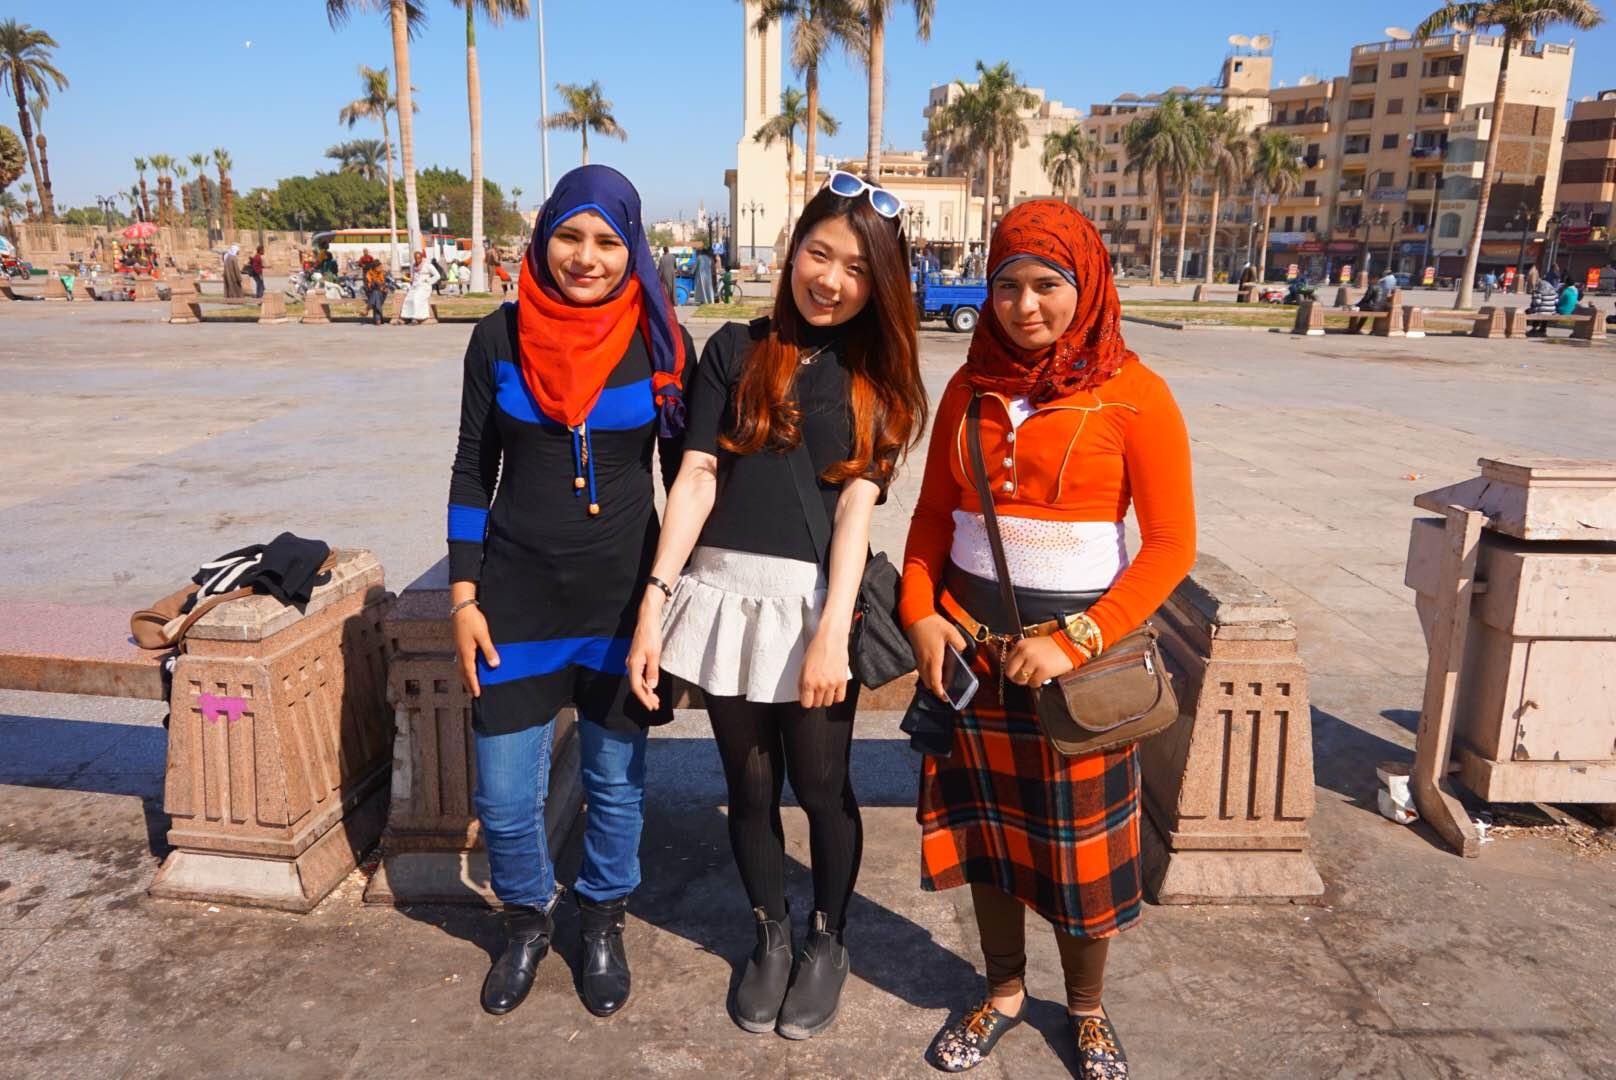 【世界一周】行かなきゃもったいない!エジプトの意外な楽しみ方